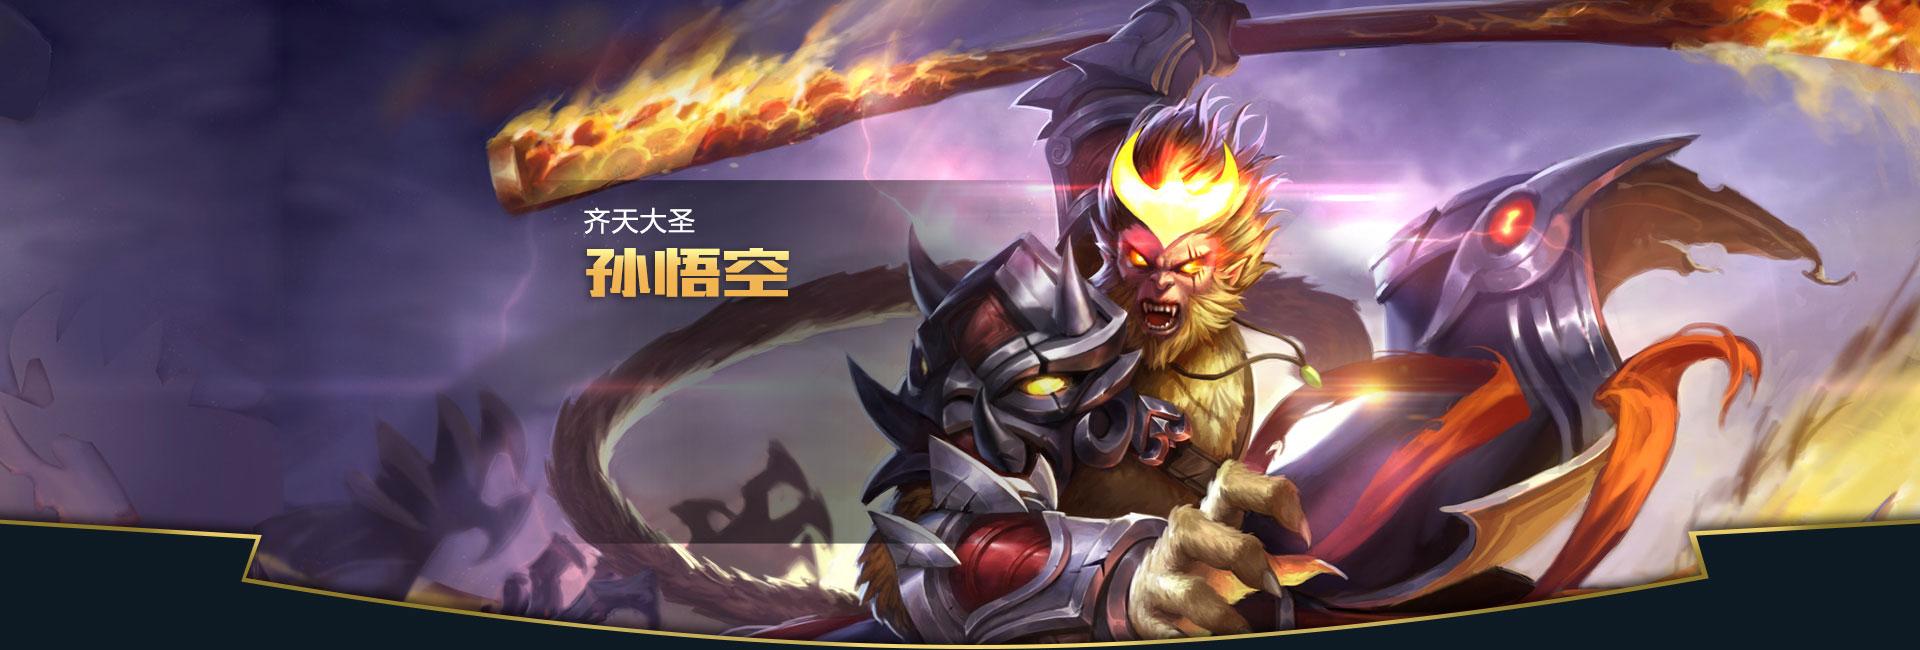 第2弹《王者荣耀英雄皮肤CG》竞技游戏76